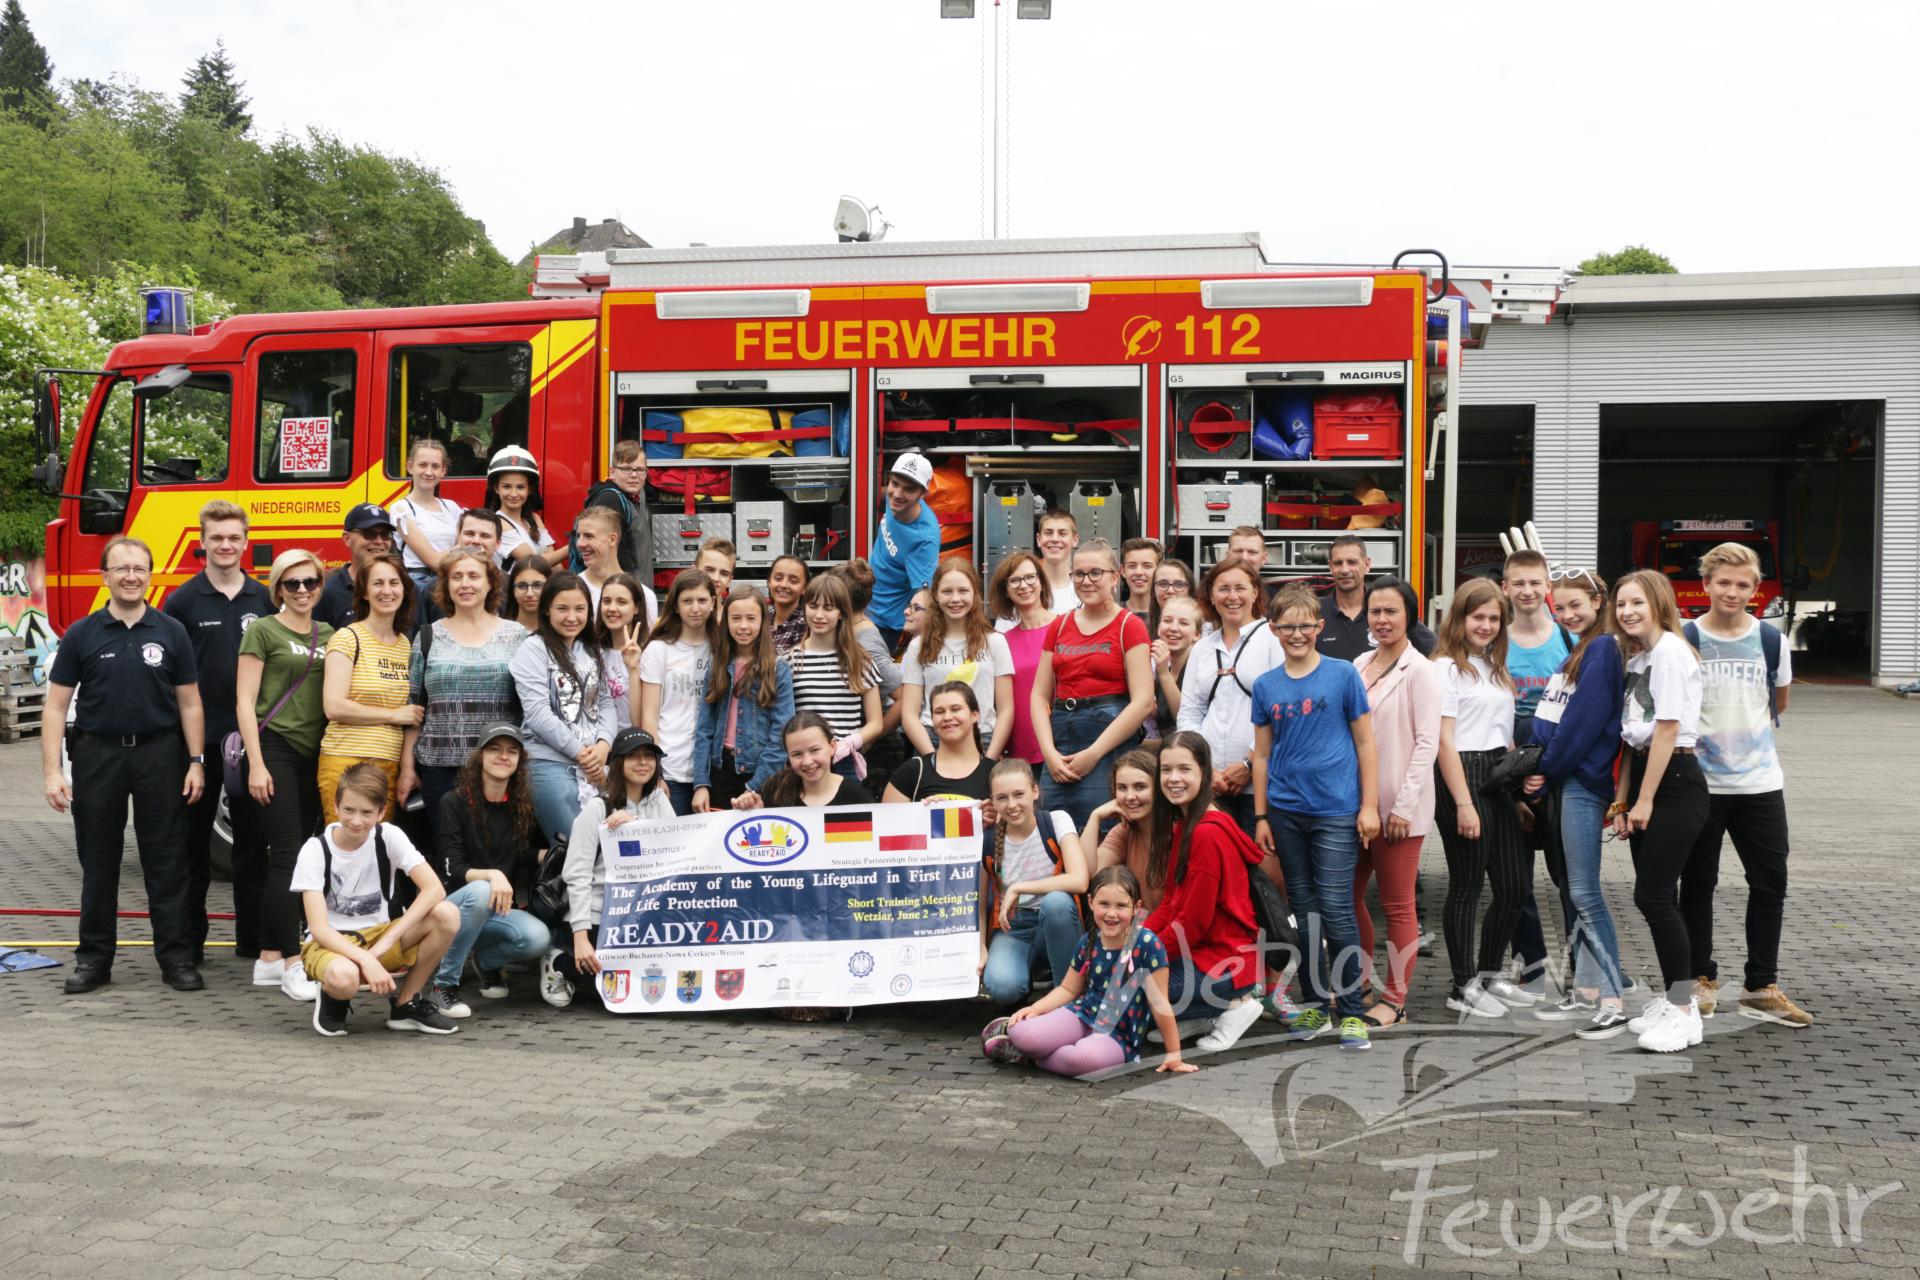 Austauschschüler besuchen Feuerwehrwache in Niedergirmes